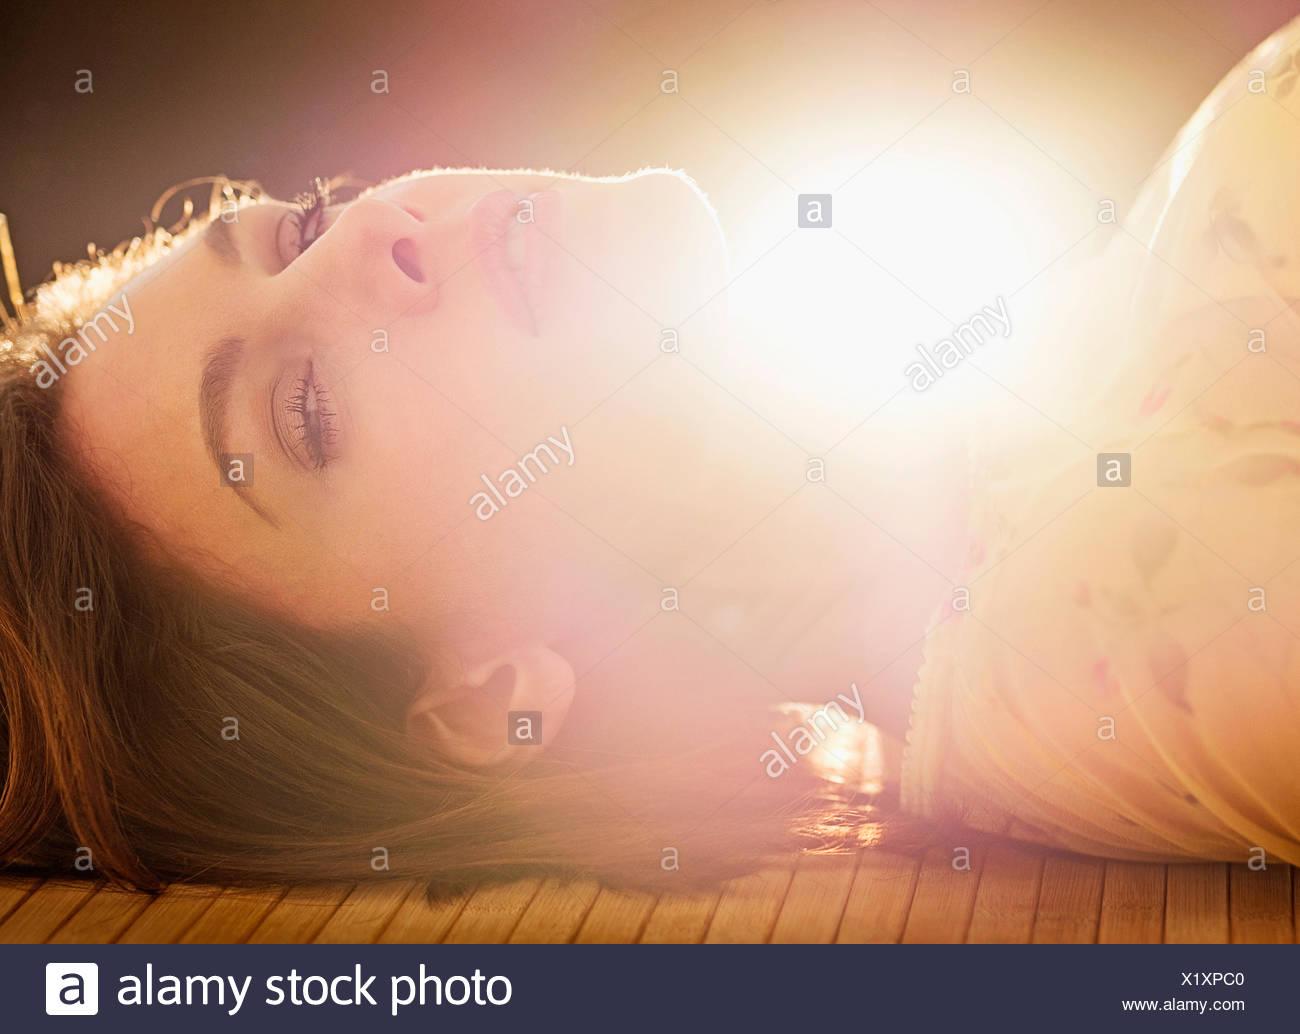 Retrato de mujer hermosa con pelo marrón Imagen De Stock